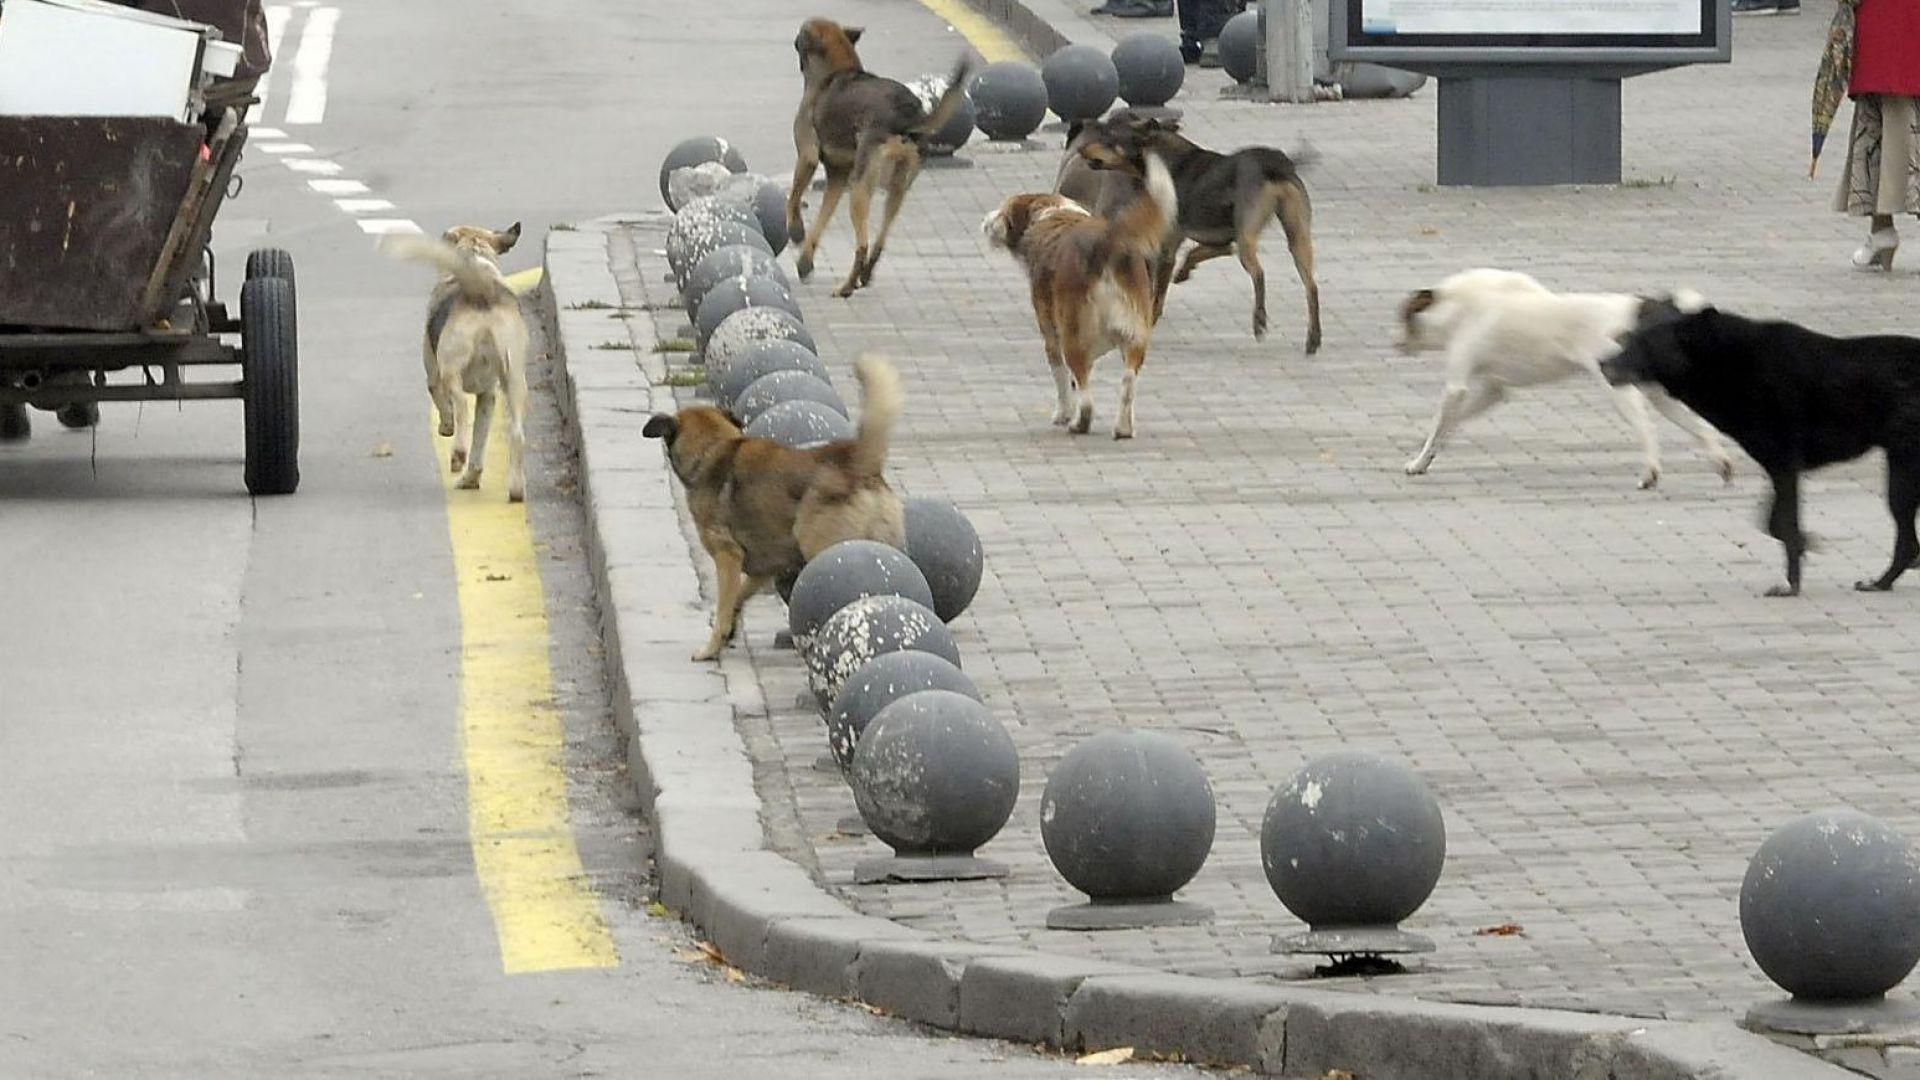 Март 2005 г. - Обичайна по това време гледка в центъра на града - глутница кучета преследват каруца